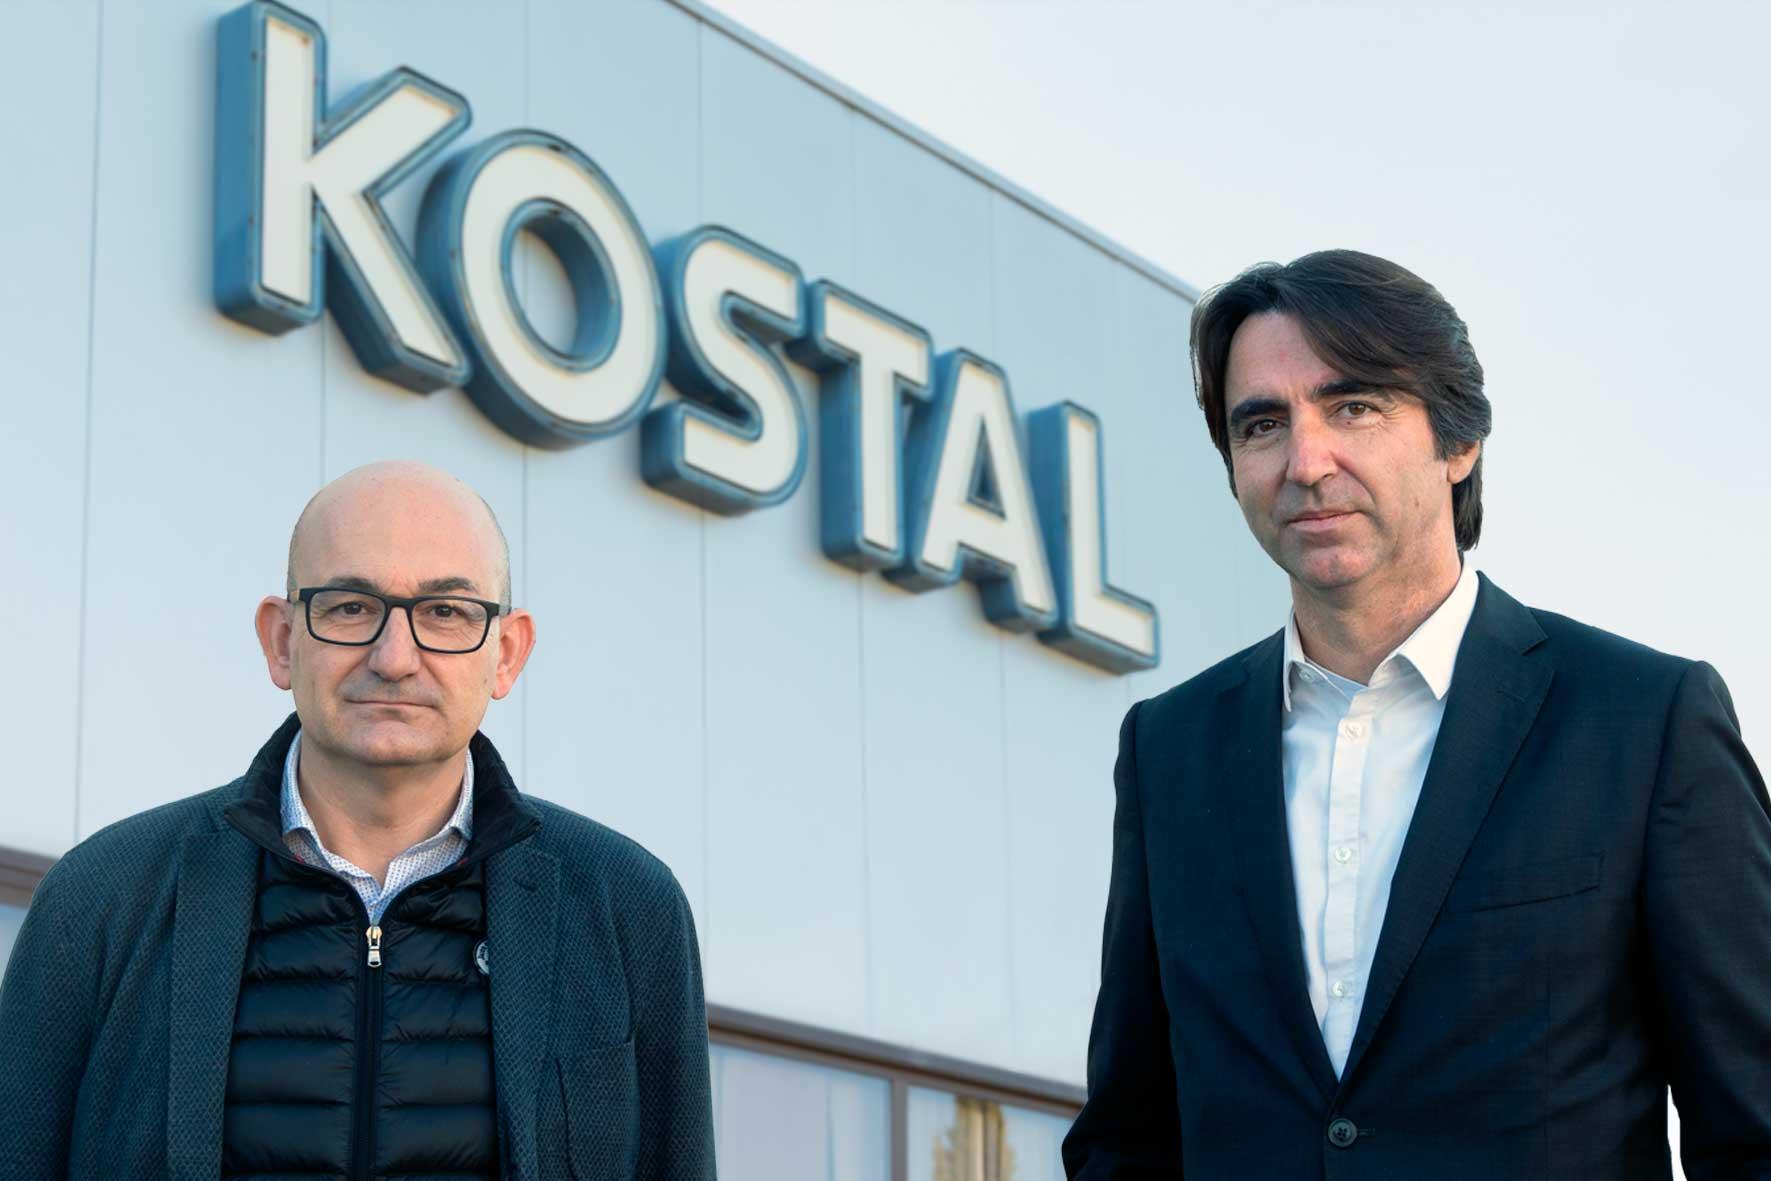 Entrevista a Josep Senar i Ricard Grau sobre la implantació d'una app corporativa a KOSTAL Group